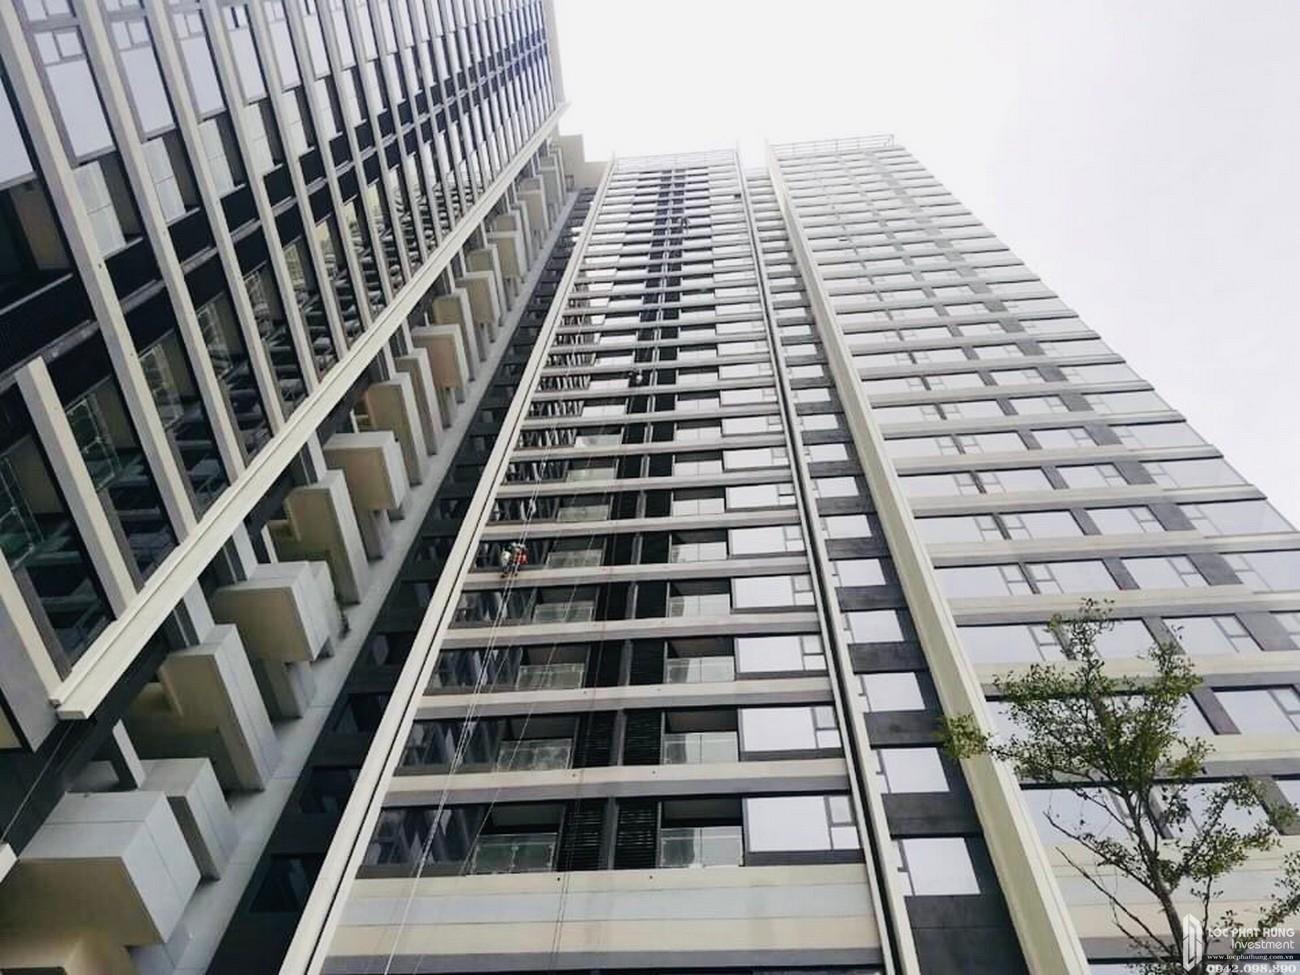 Tiến độ dự án căn hộ chung cư Kingdom 101 Quận 10 15/05/2020 Đường Tô Hiến Thành chủ đầu tư Hoa Lâm